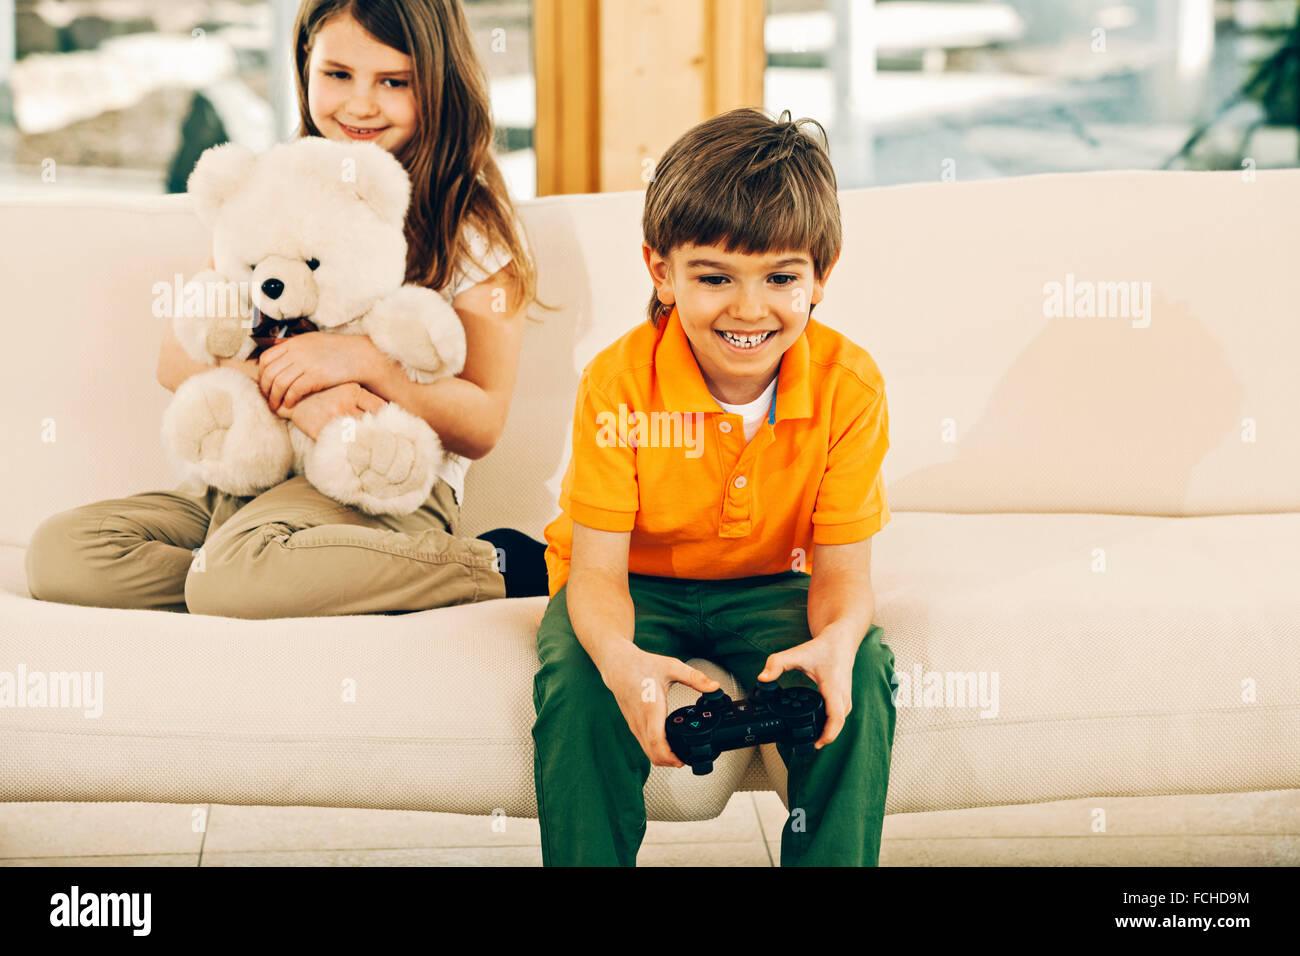 Ragazzo la riproduzione del video gioco in soggiorno sorella holding orsacchiotto Immagini Stock